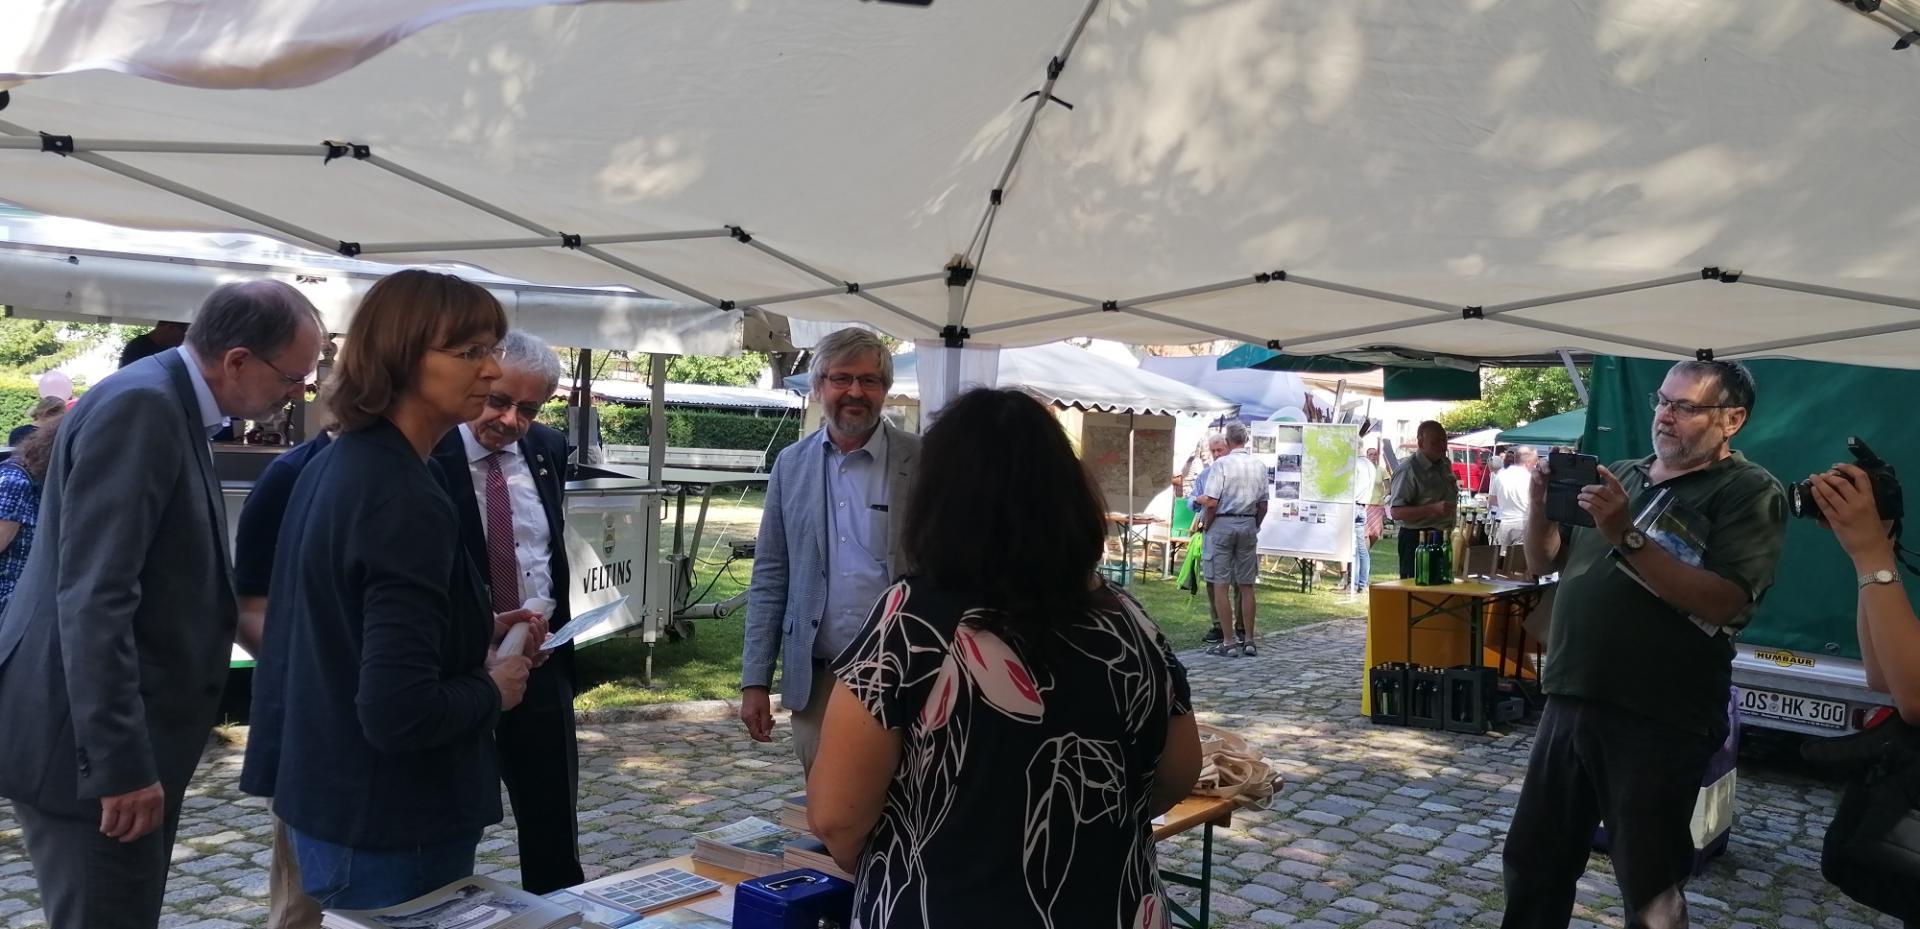 Rundgang beim Markt der Möglichkeiten, mit Minister Axel Vogel (M.) und Isabell Hiekel (l.) am Stand des Fördervereins Lieberose. Foto: Dörthe Ziemer